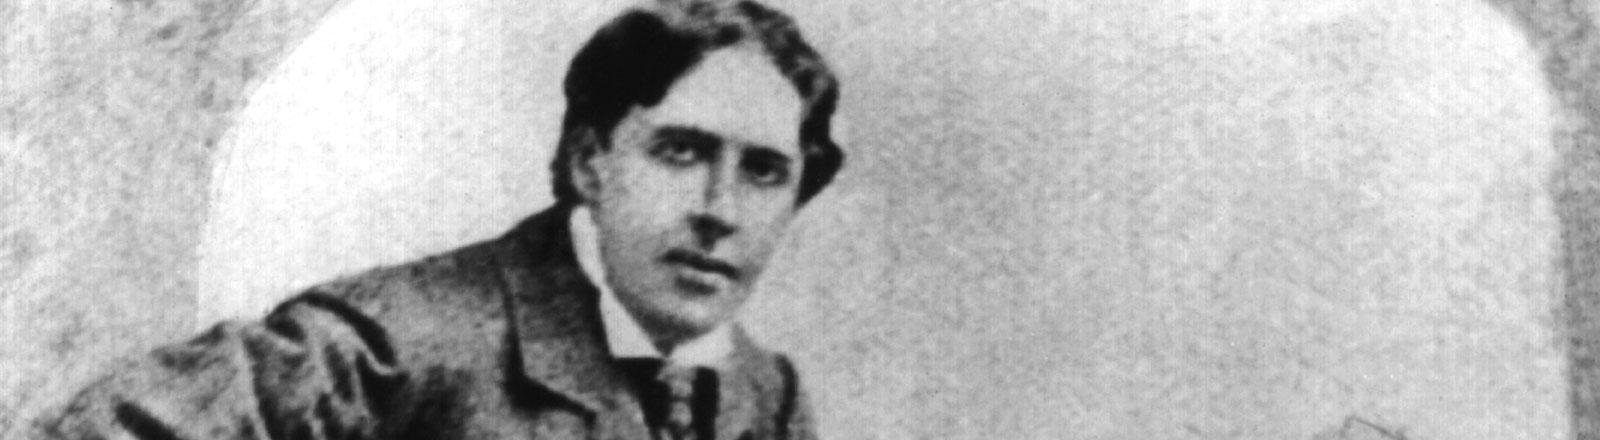 Der irisch-britische Schriftsteller Oscar Wilde